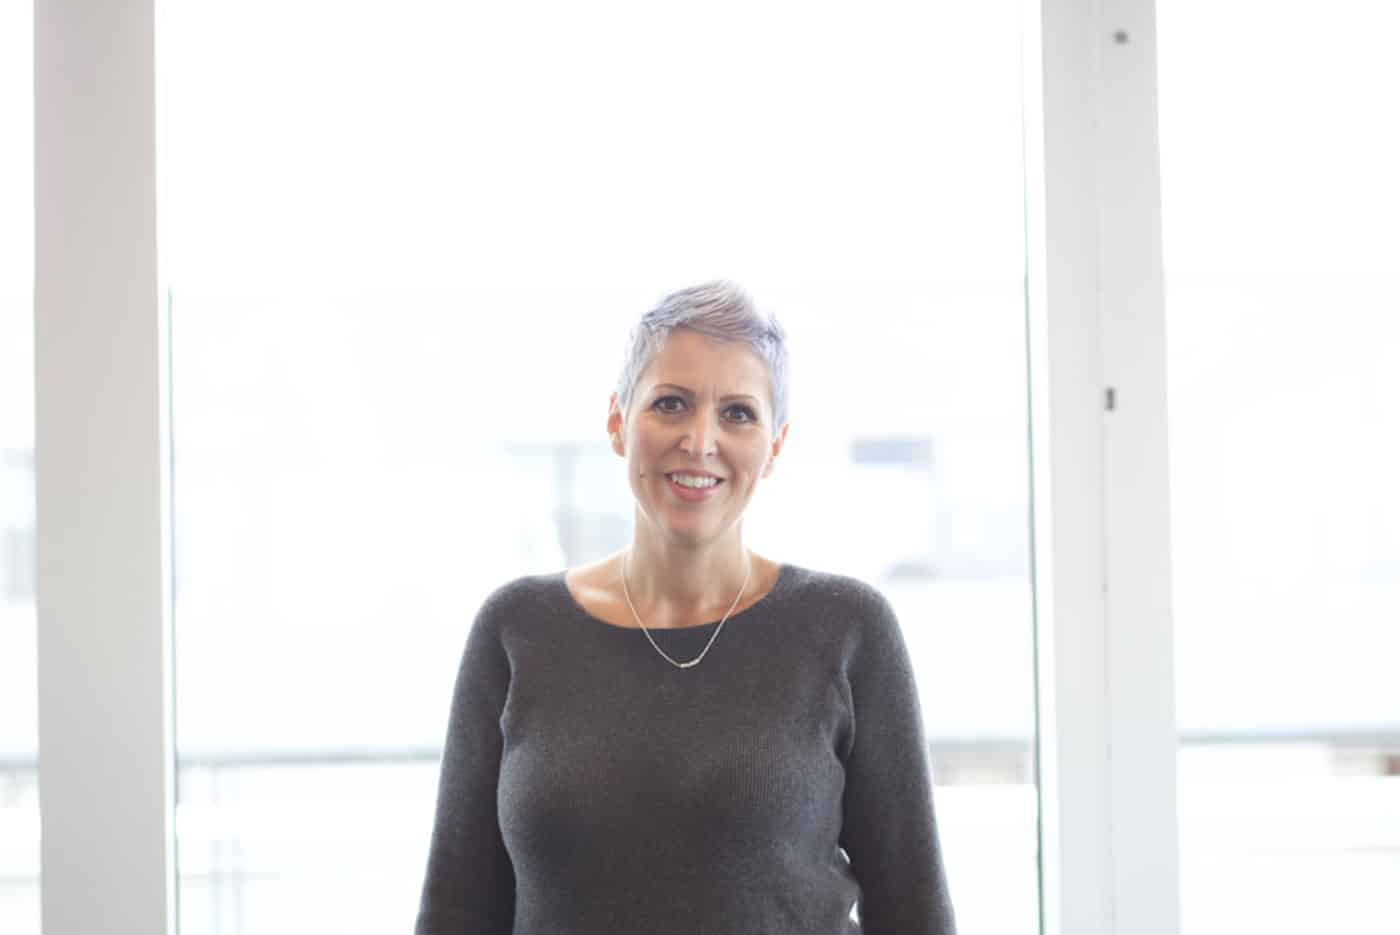 CURE Magazine profiles mesothelioma survivor Heather Von St. James